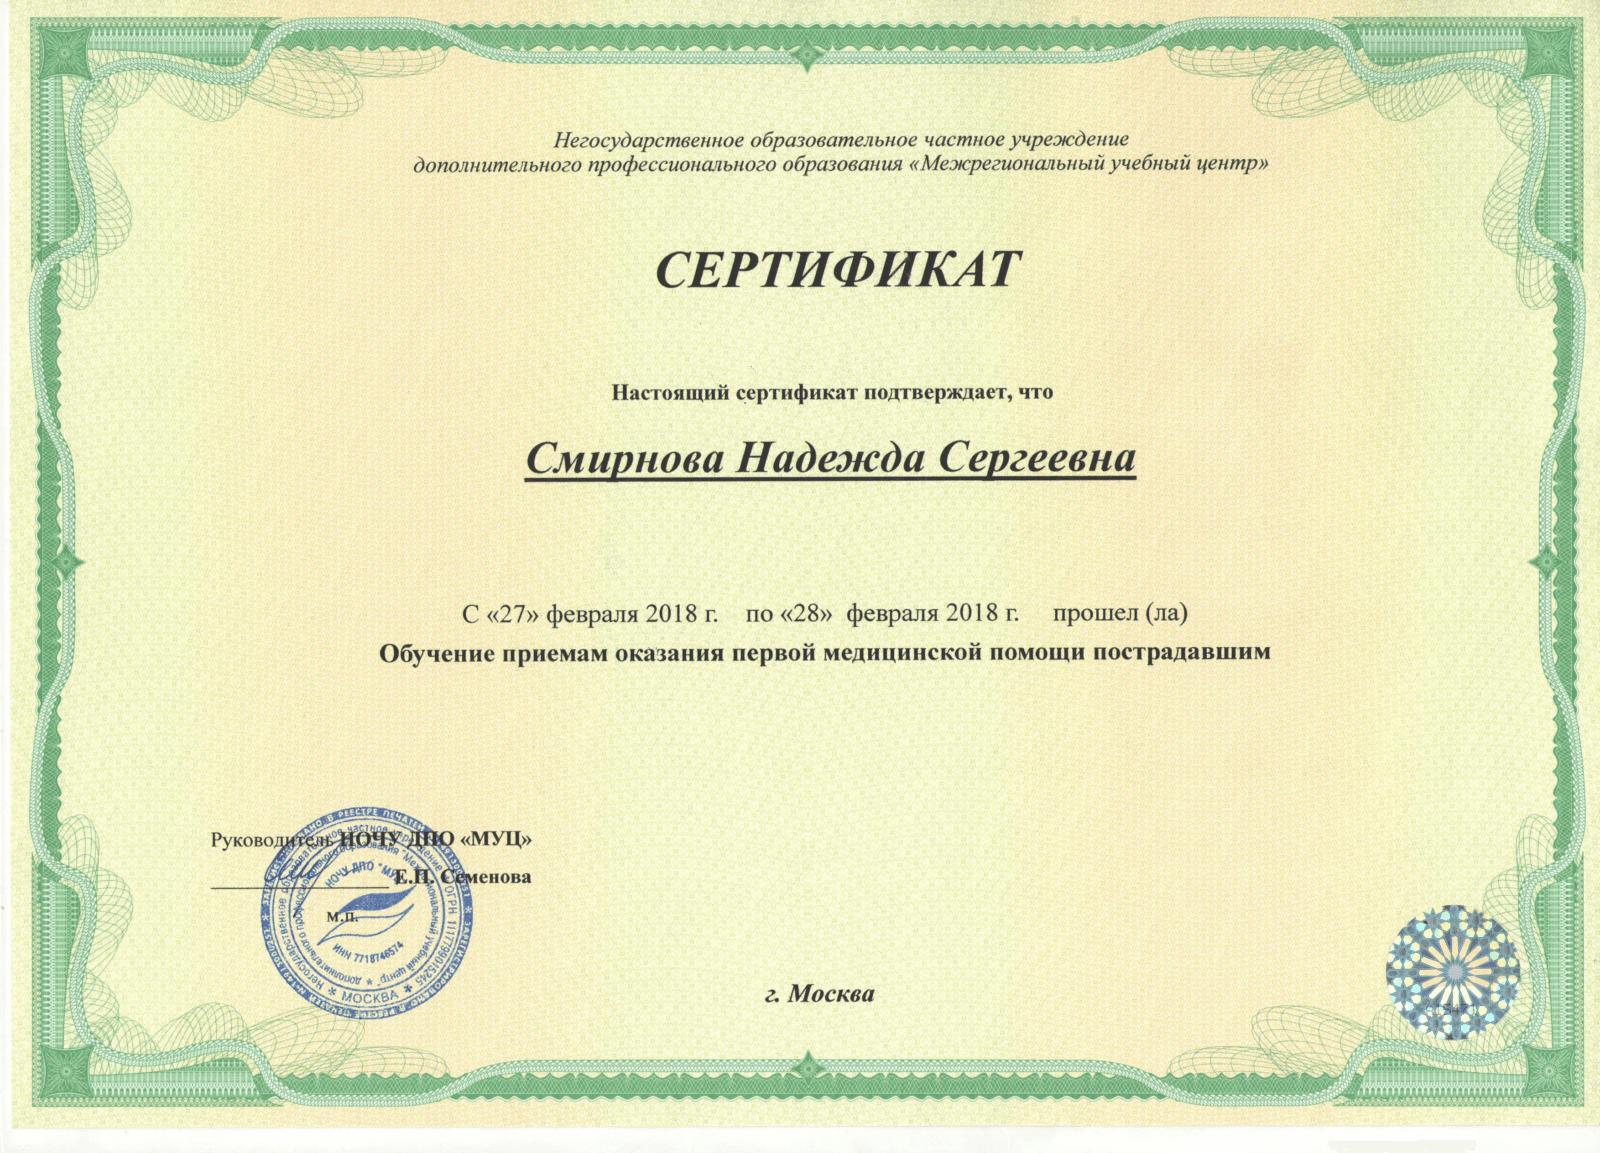 сертификат первой медицинской помощи